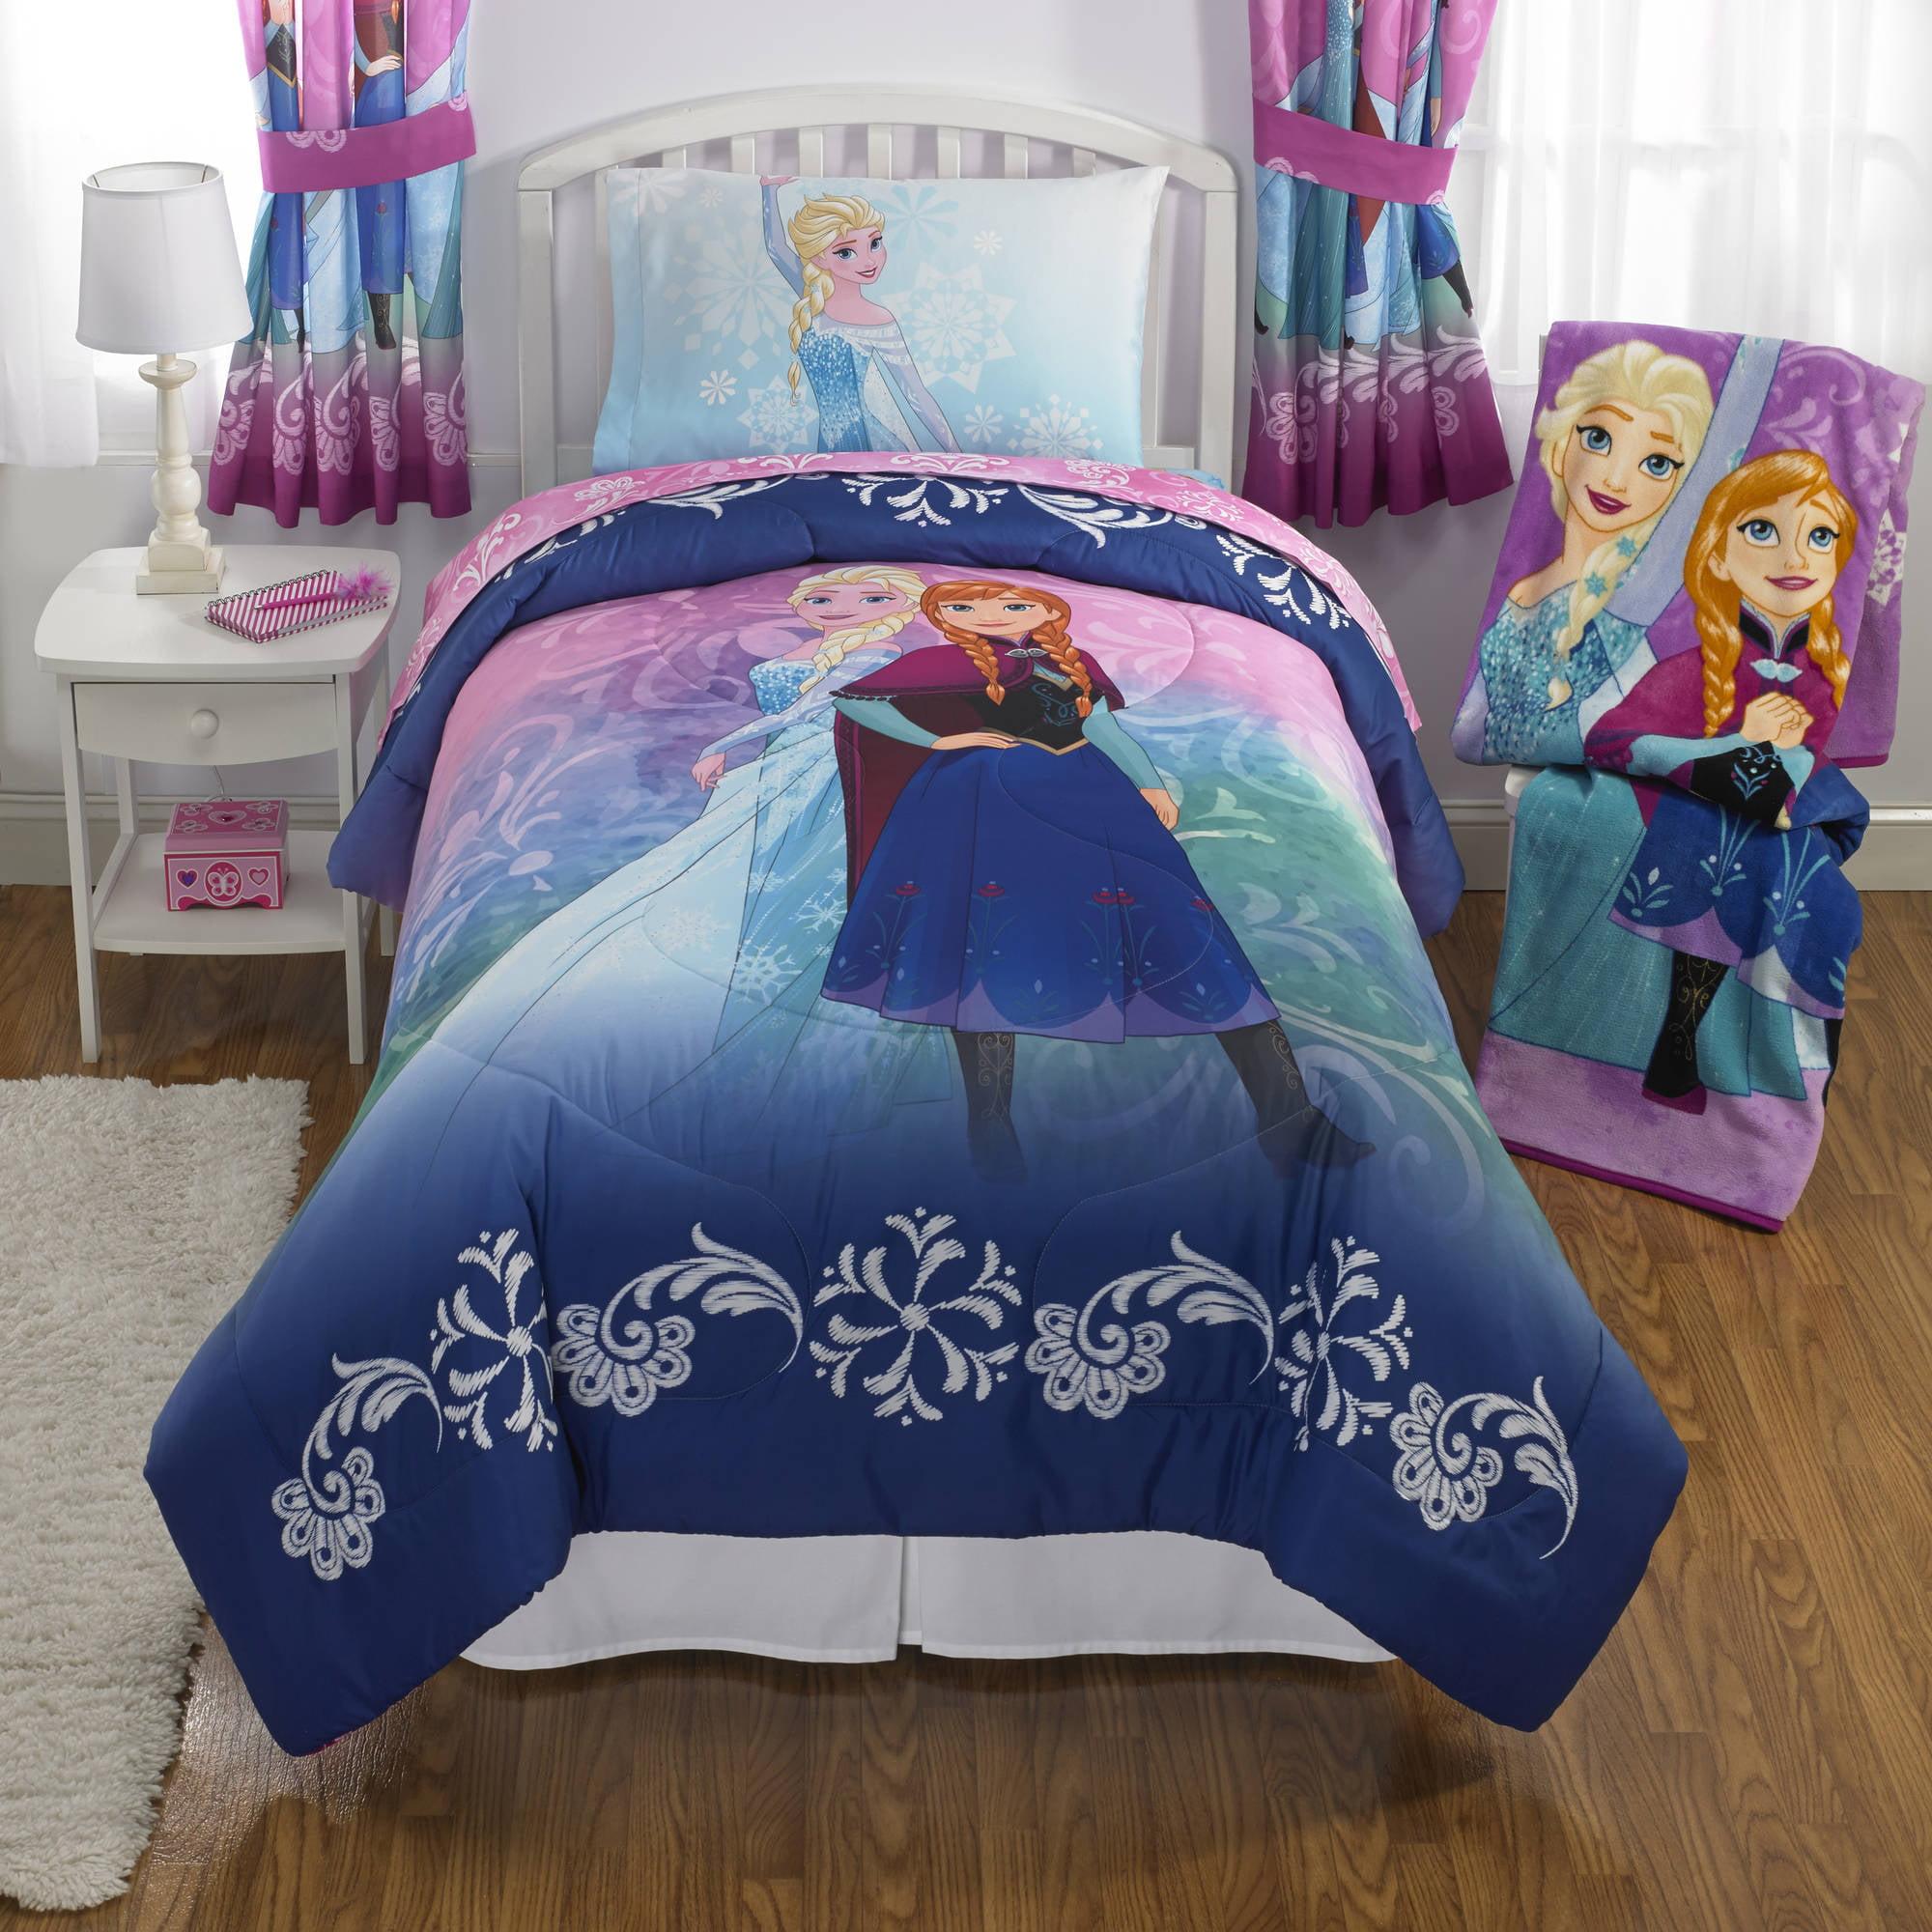 Disney princess bedding sets full affordable white full bedroom sets girls room furniture - Twin size princess bed set ...